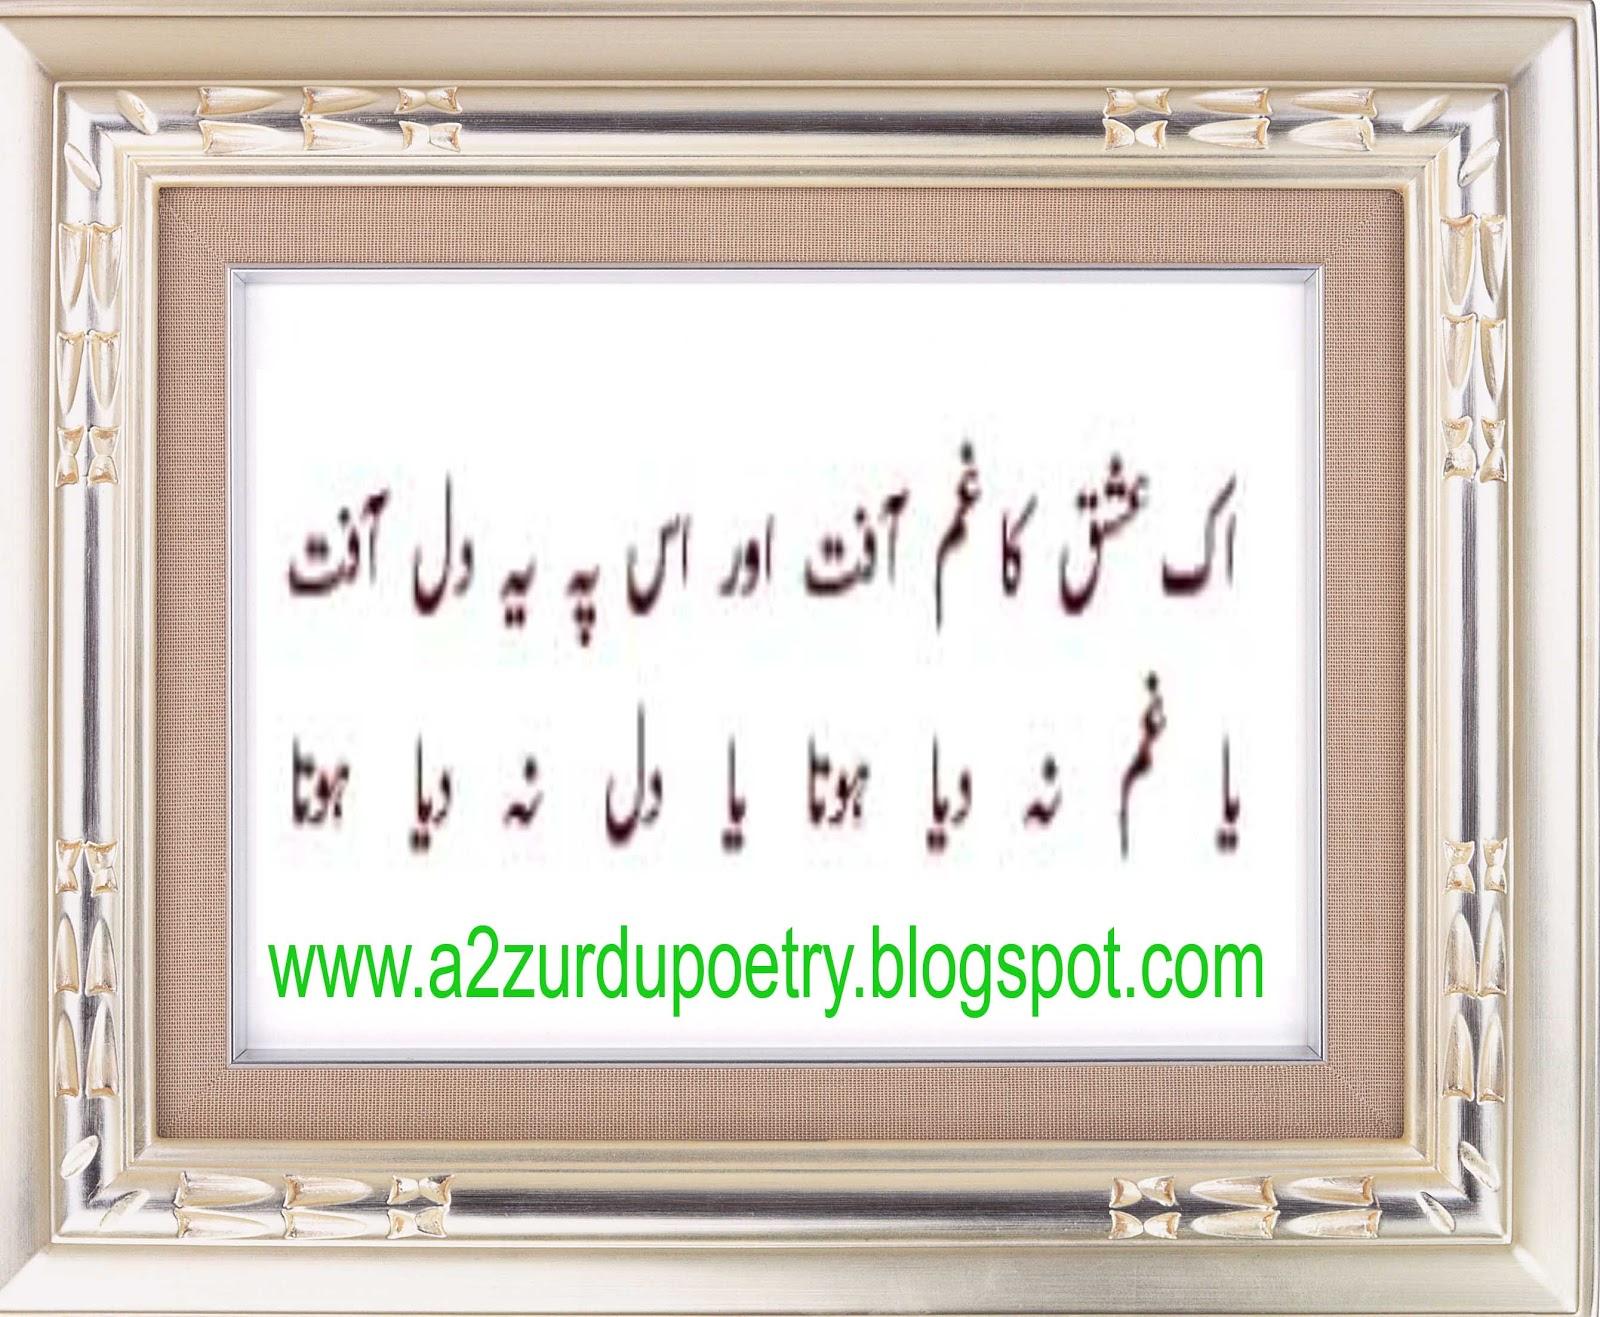 http://4.bp.blogspot.com/-almwCqYBj1E/Twvzl-YLGpI/AAAAAAAAAxk/xwgkPxFgJEI/s1600/aikishq+ka+ghum.jpg